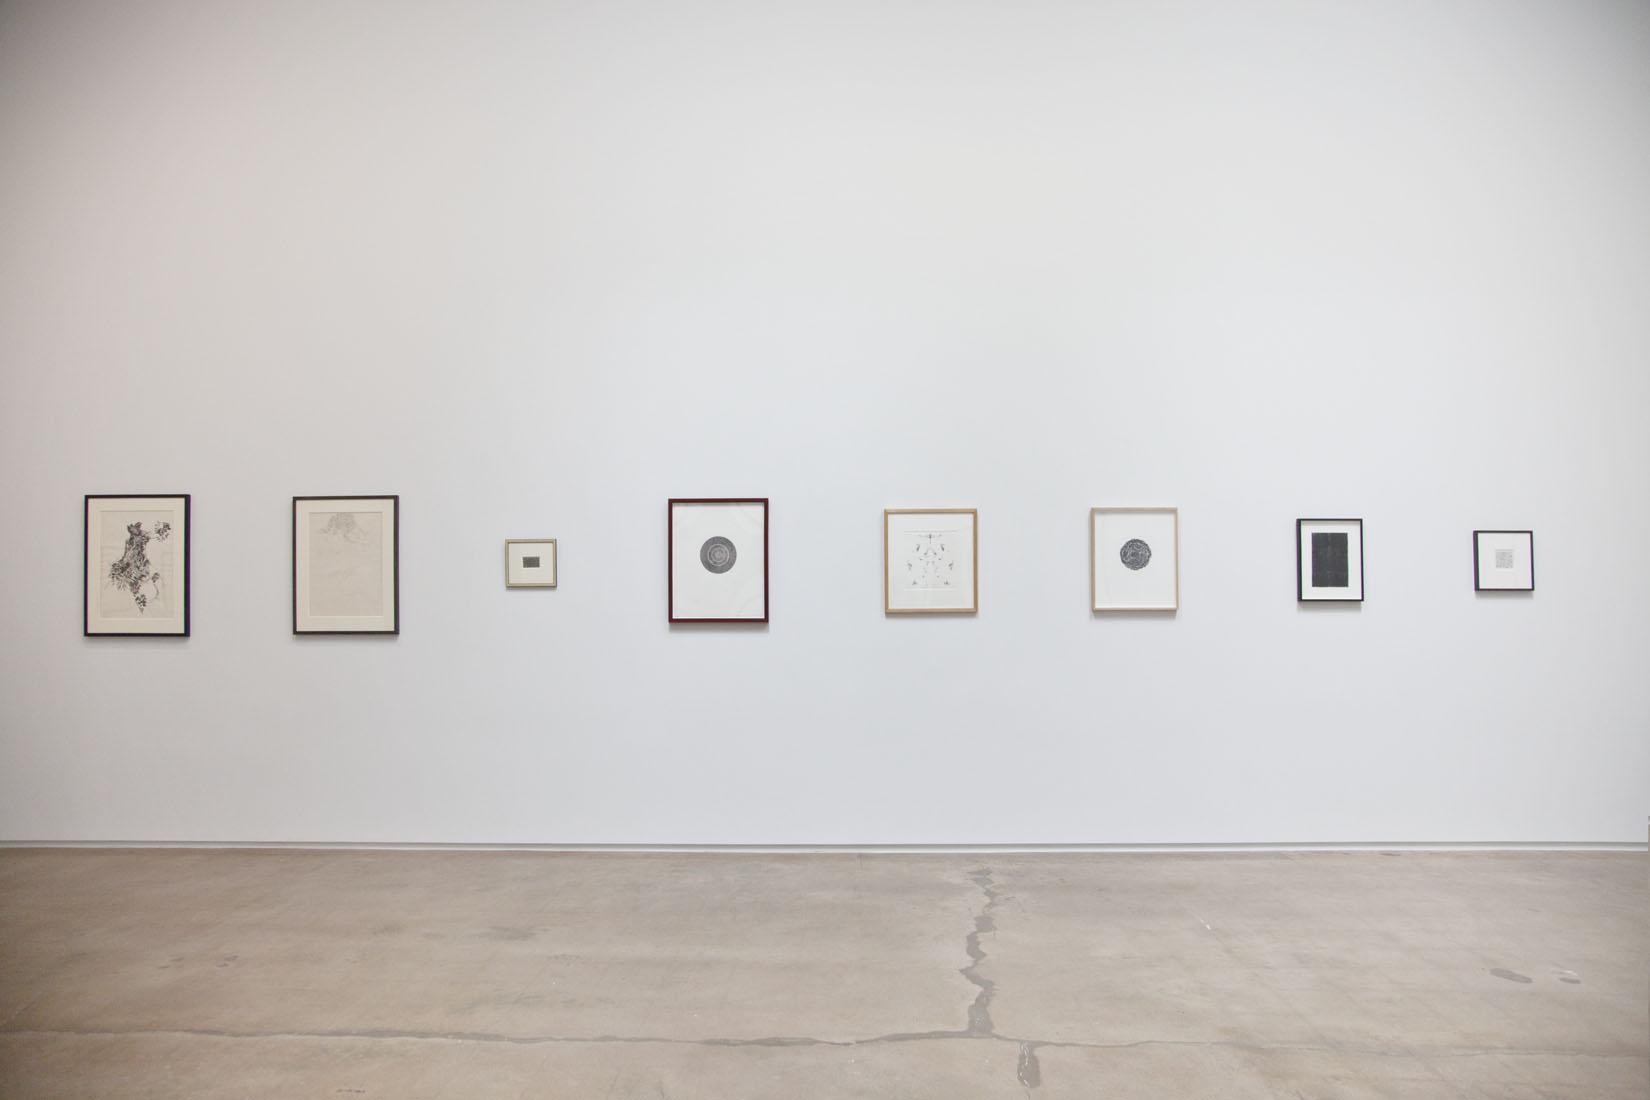 Bruce Conner: CROSSROADS & Works on Paper, November 8 - December 20, 2014